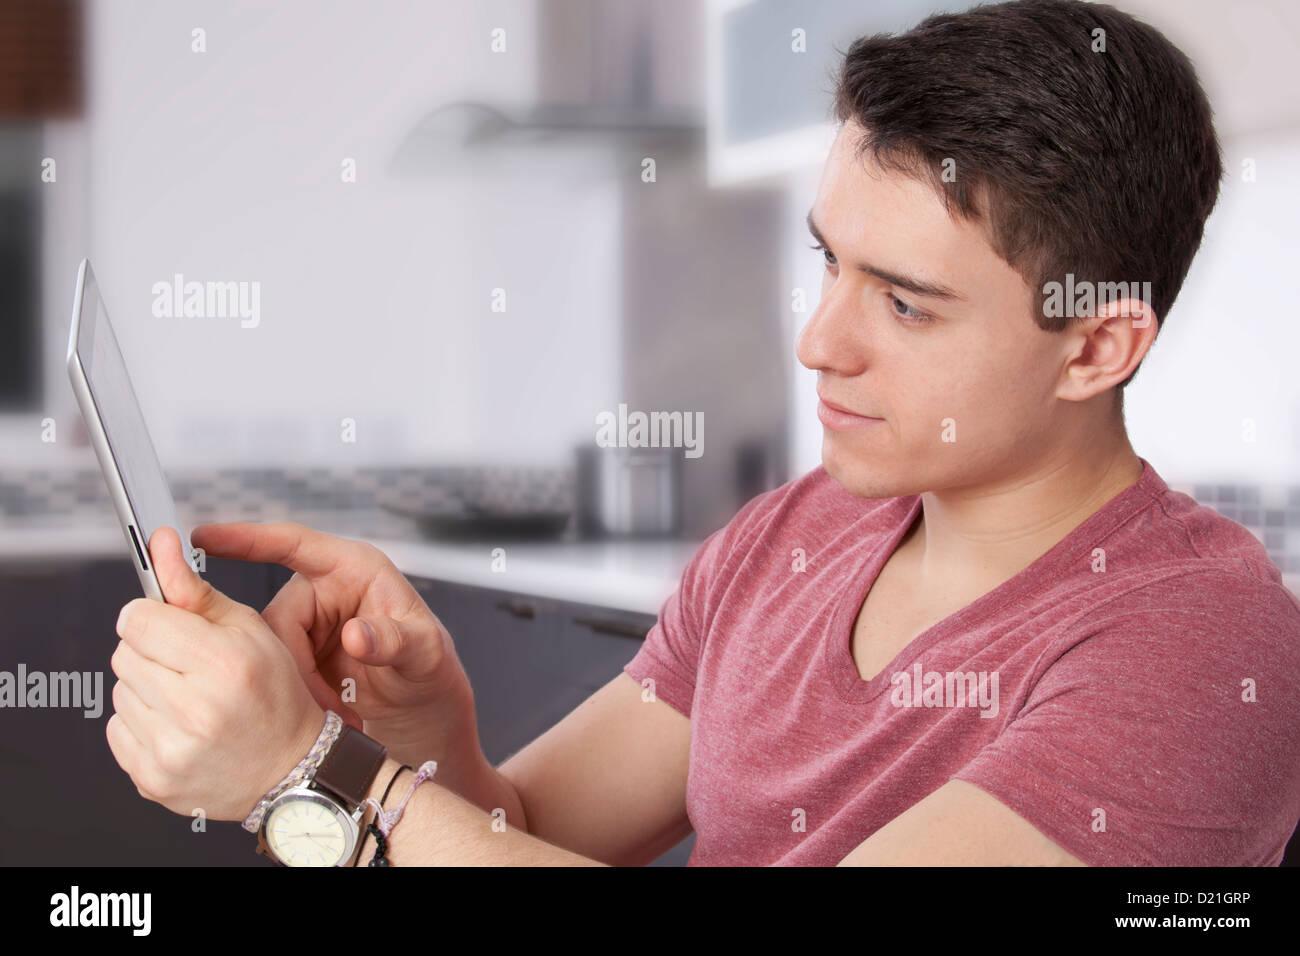 Jeune homme à l'aide d'une tablette numérique, regarder l'écran ou moniteur. Situé Photo Stock